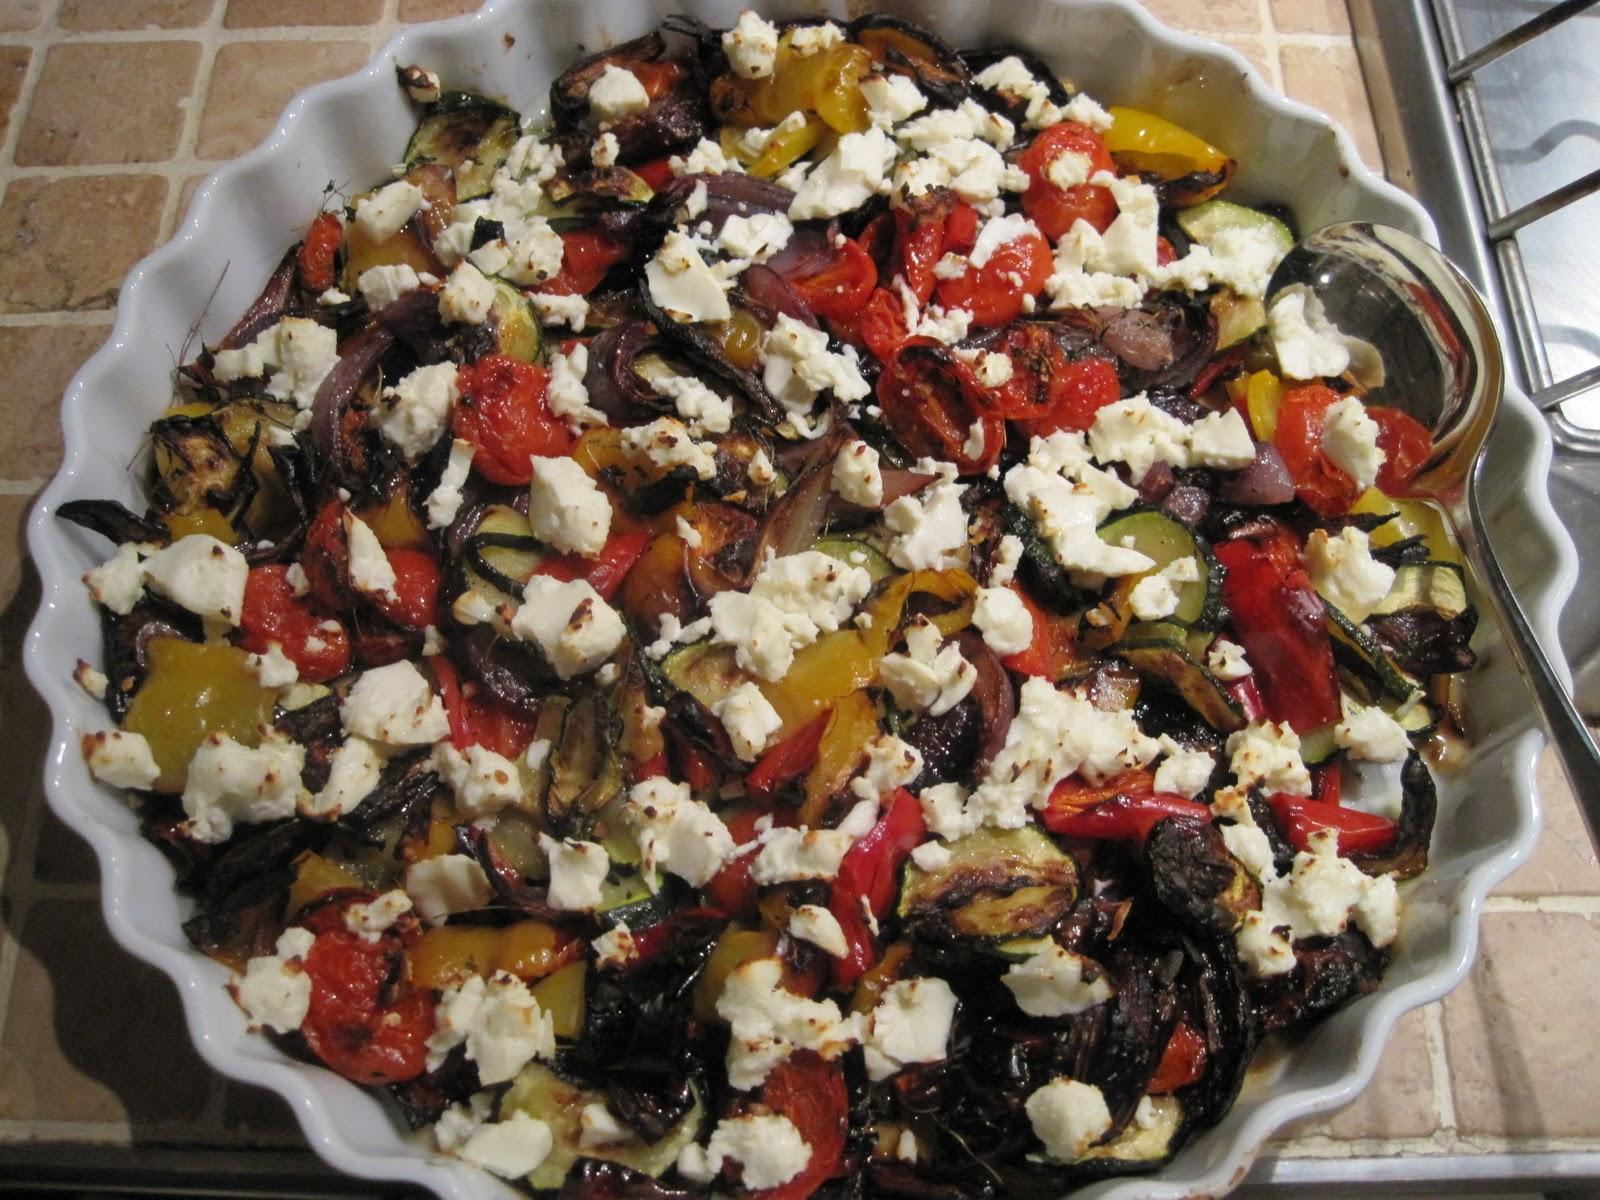 grønsager i ovn